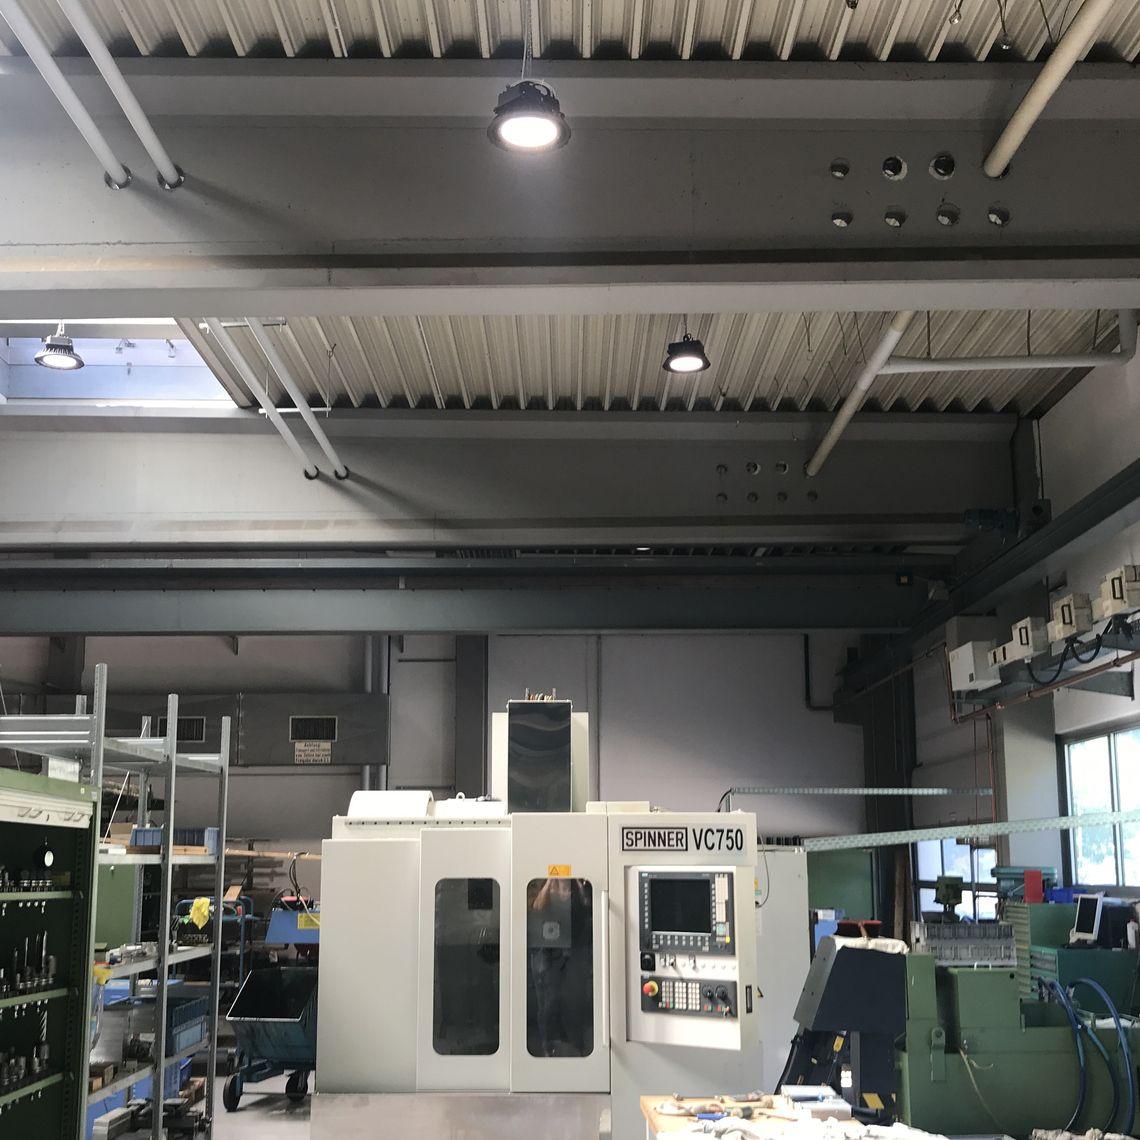 Bur Lighting Bunte Und Remmler Referenzen Led Beleuchtung Cnc Bearbeitung Led Beleuchtung Cnc Bearbeitung Beleuchtung